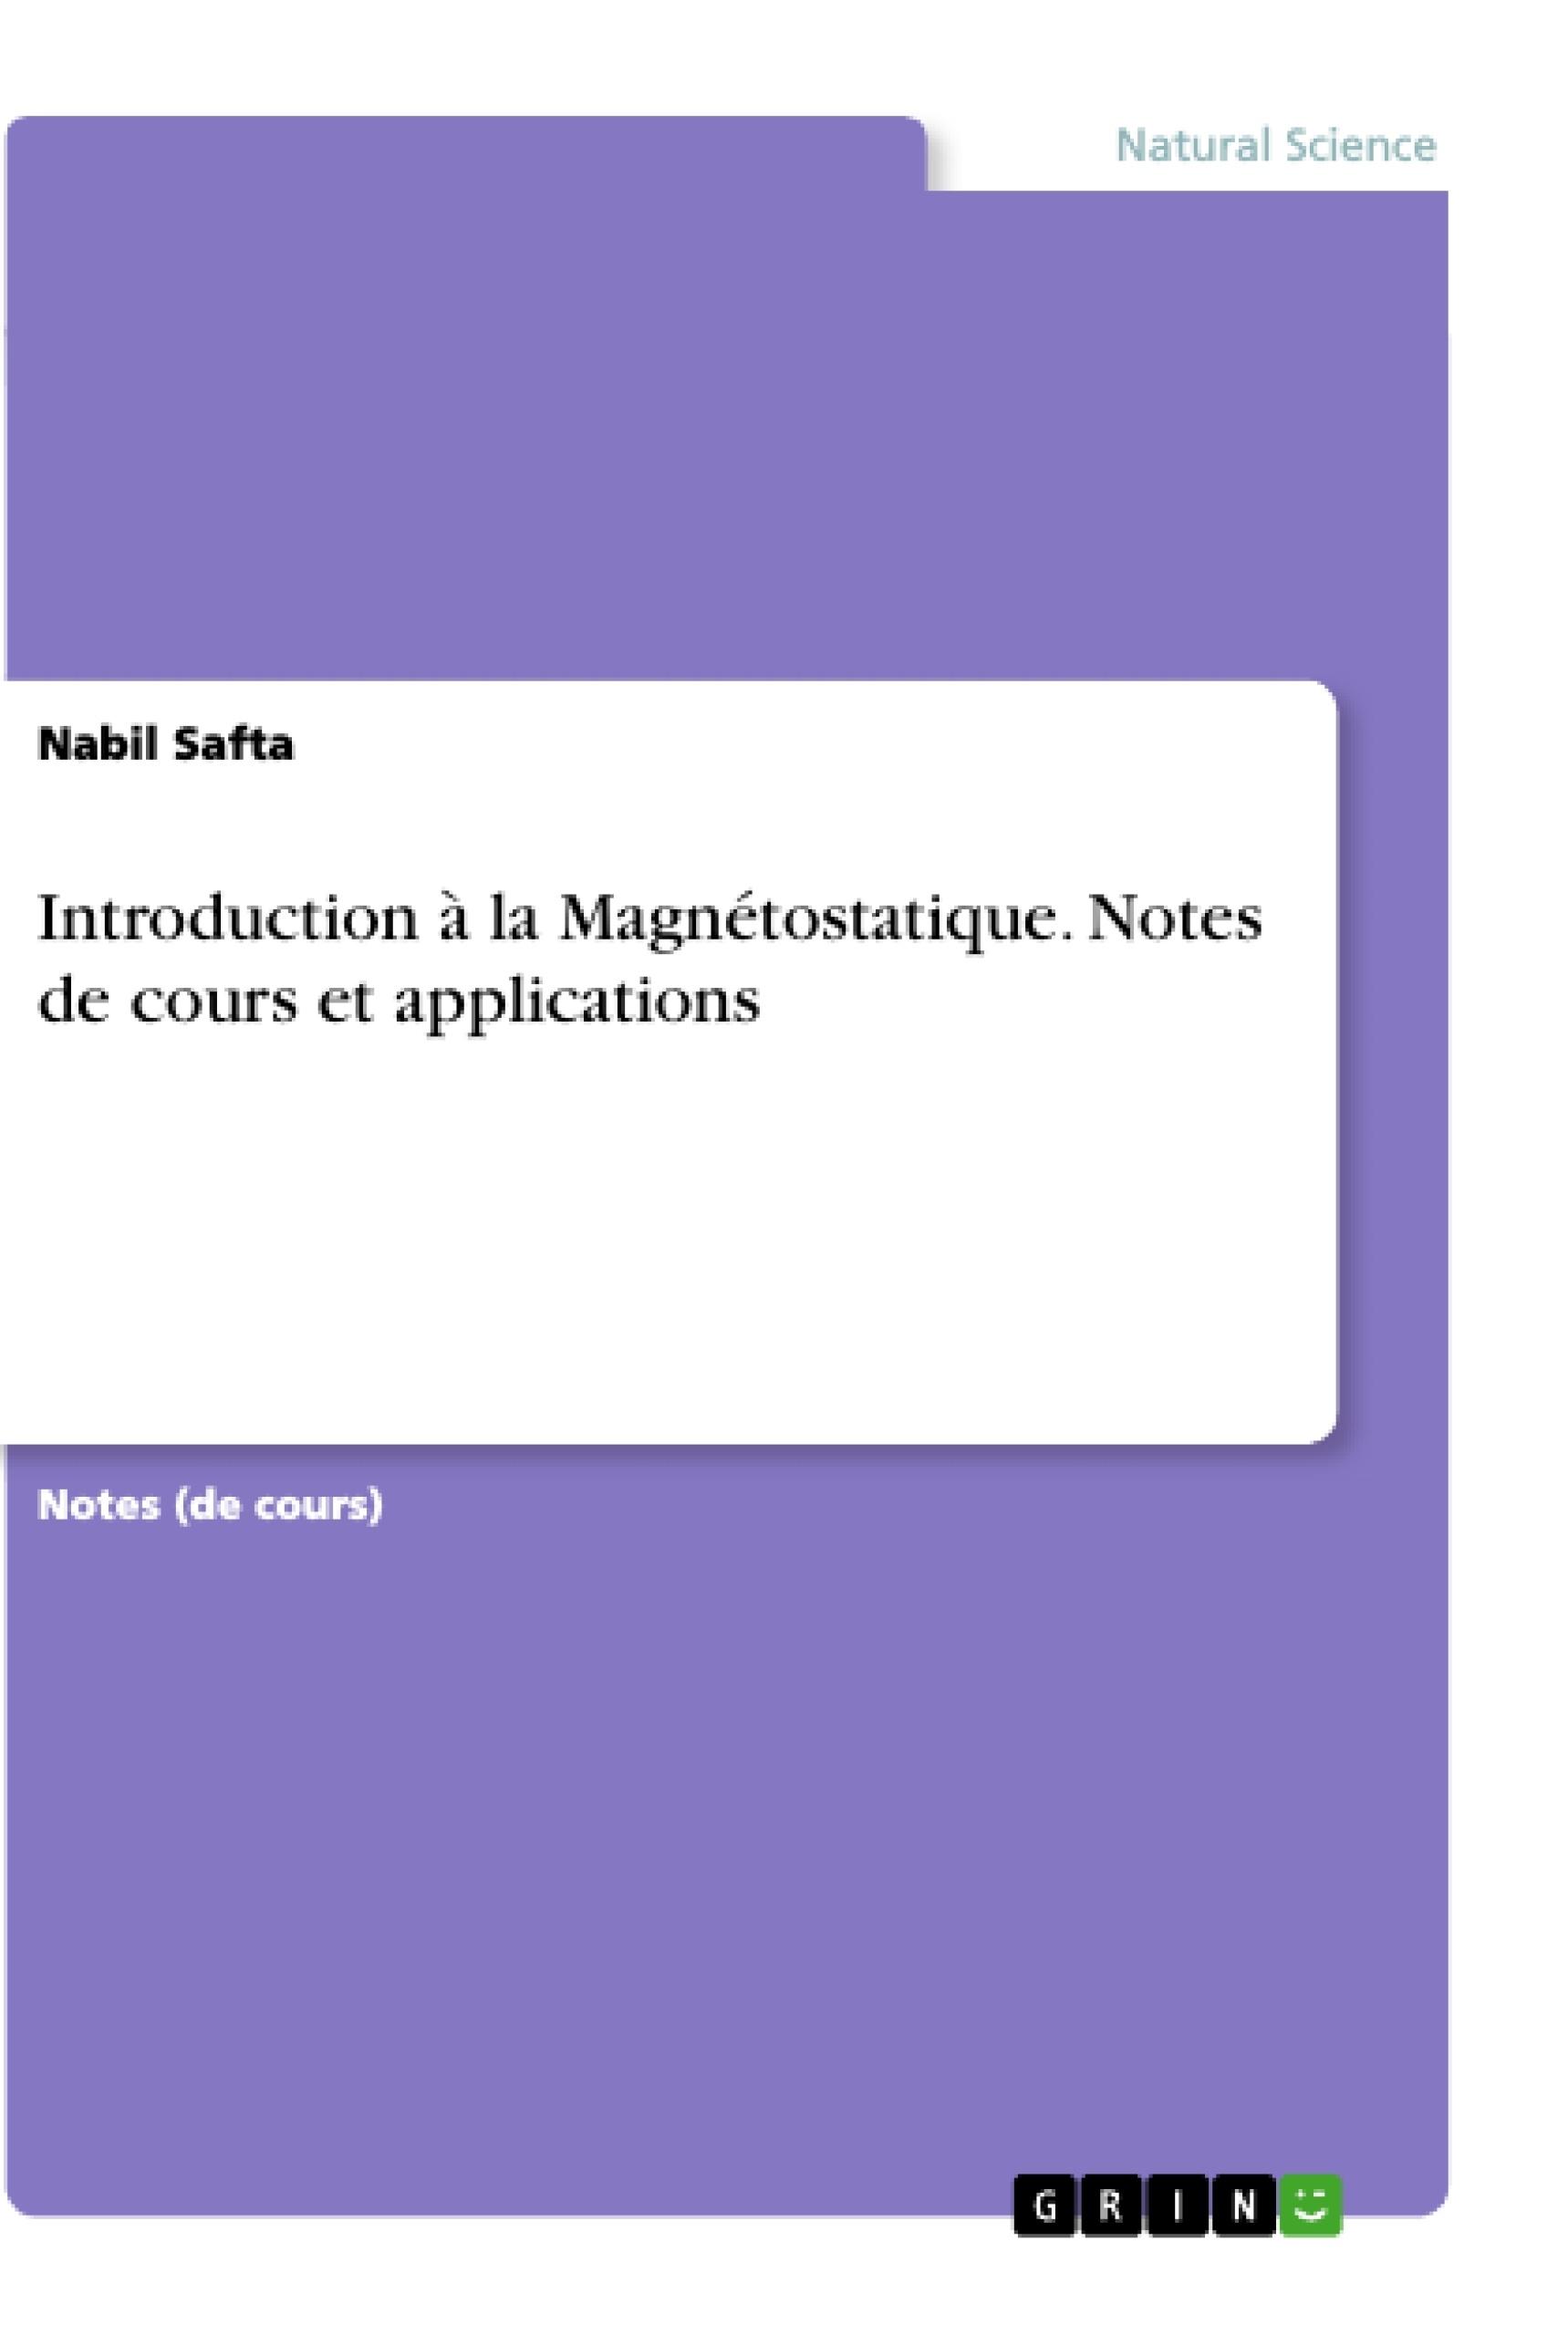 Titre: Introduction à la Magnétostatique. Notes de cours et applications